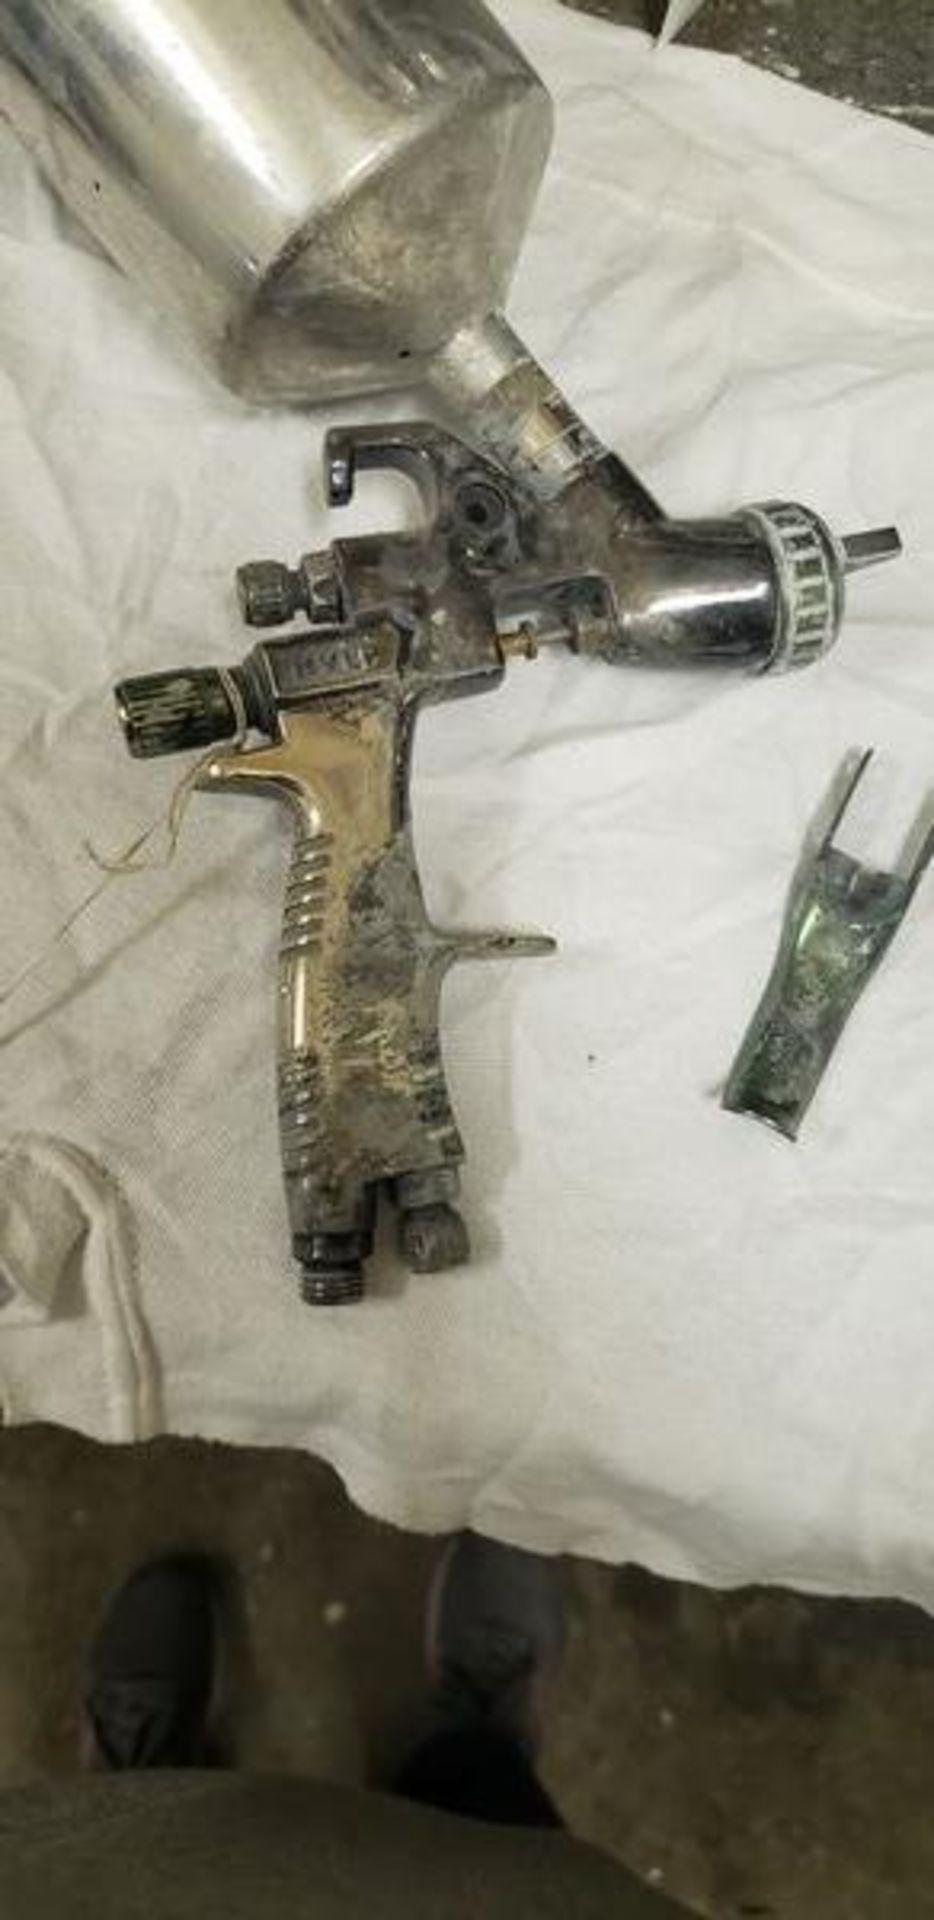 FX300 HVLP SPRAY GUN - Image 5 of 5